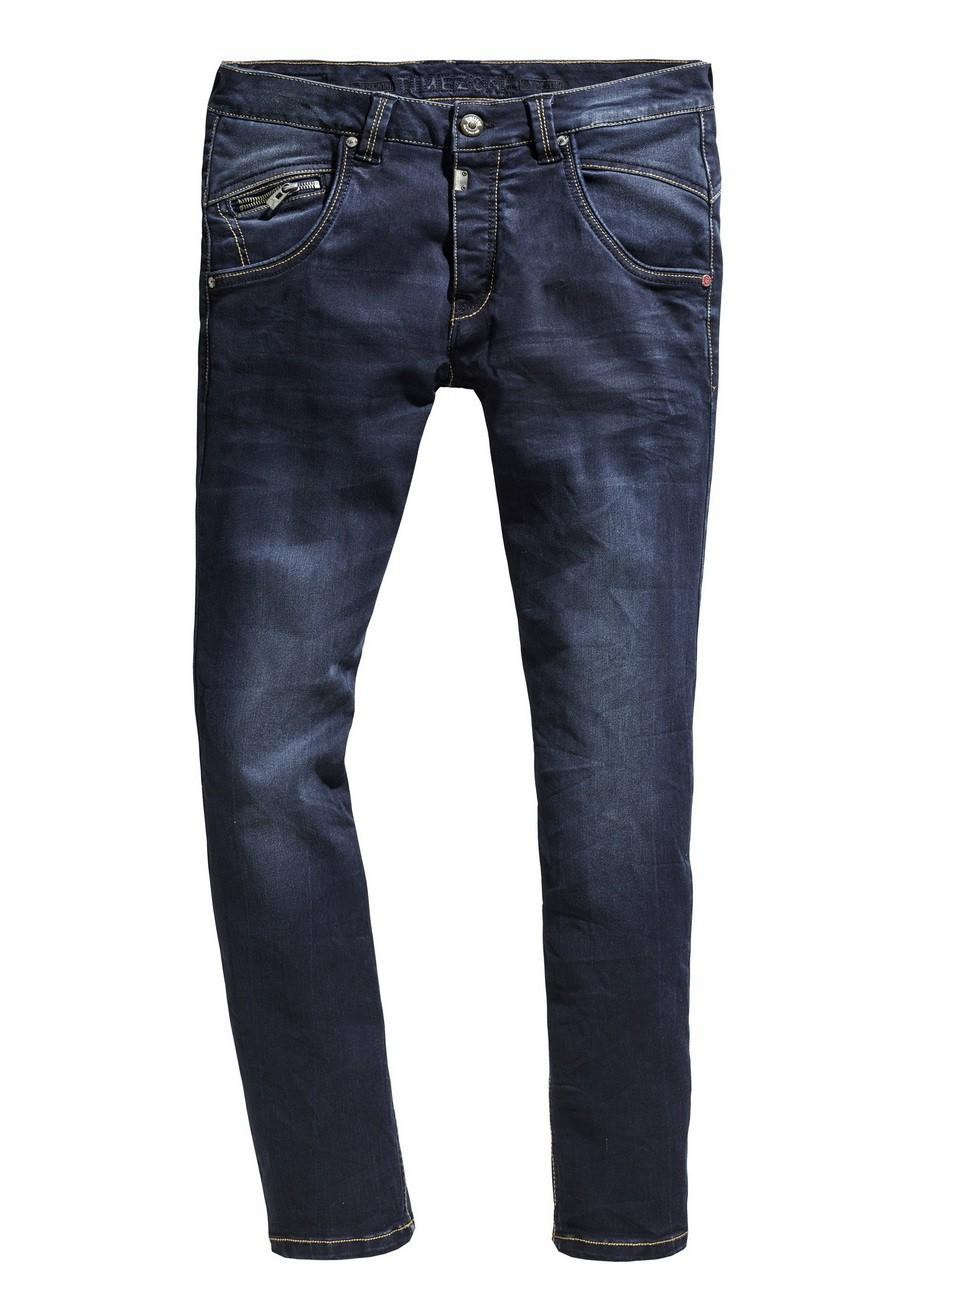 timezone herren jeans haroldtz regular fit blau ink. Black Bedroom Furniture Sets. Home Design Ideas